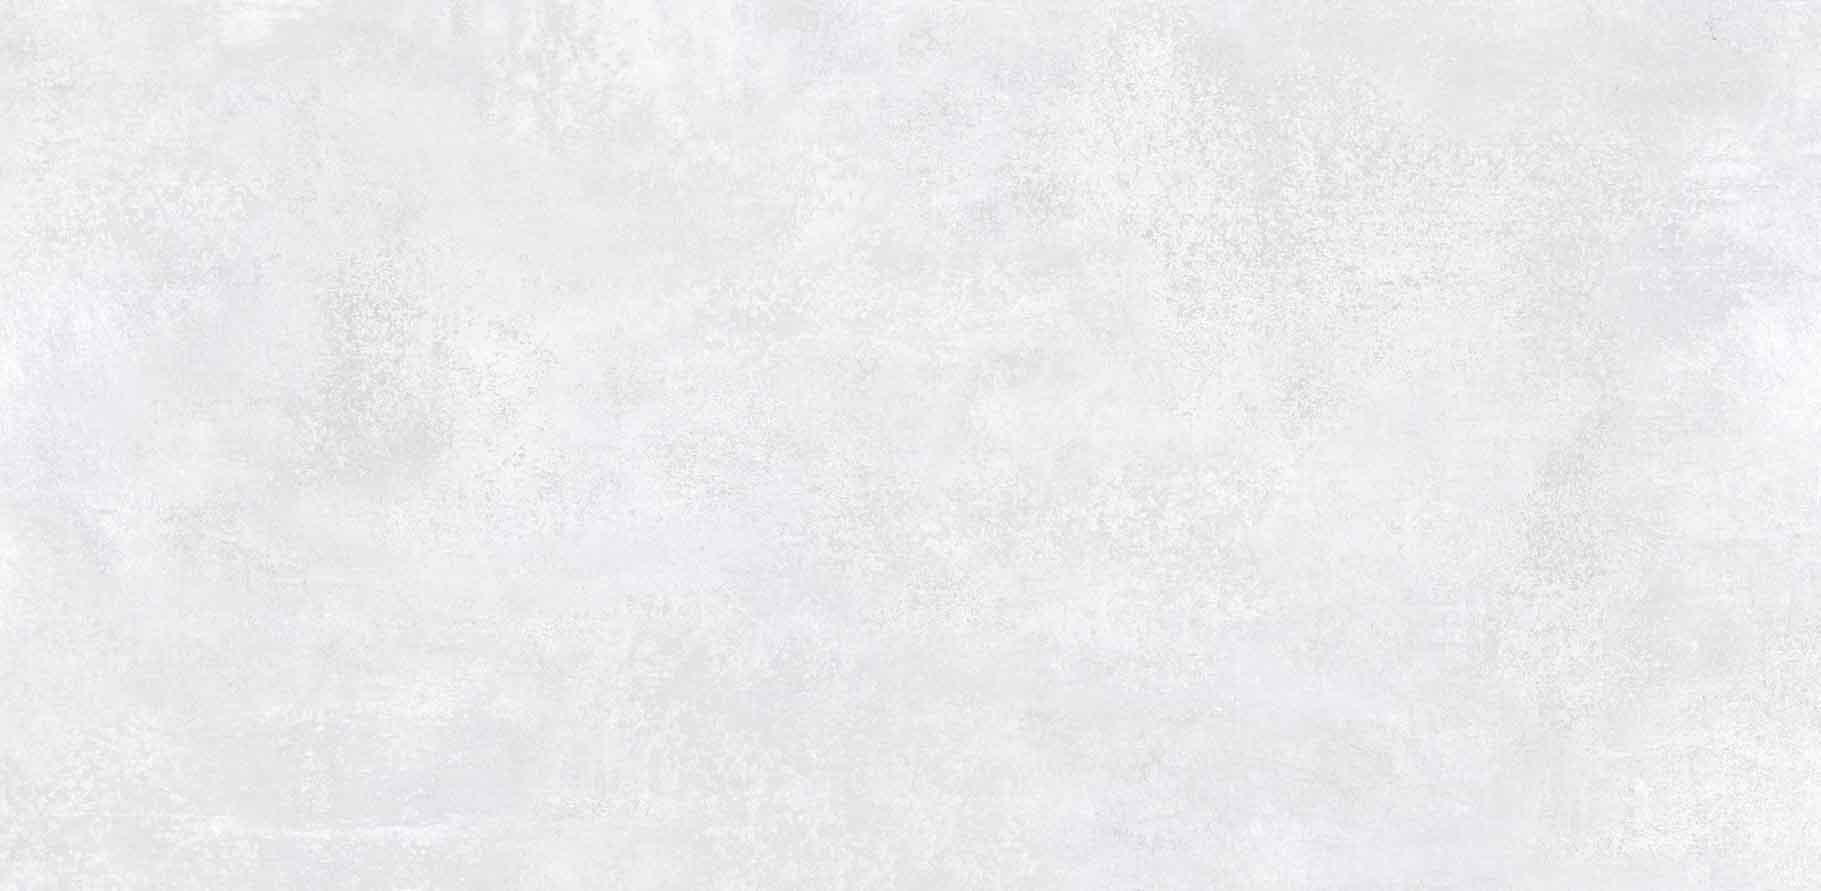 Rawtech White Matte 10mm 40 x 80